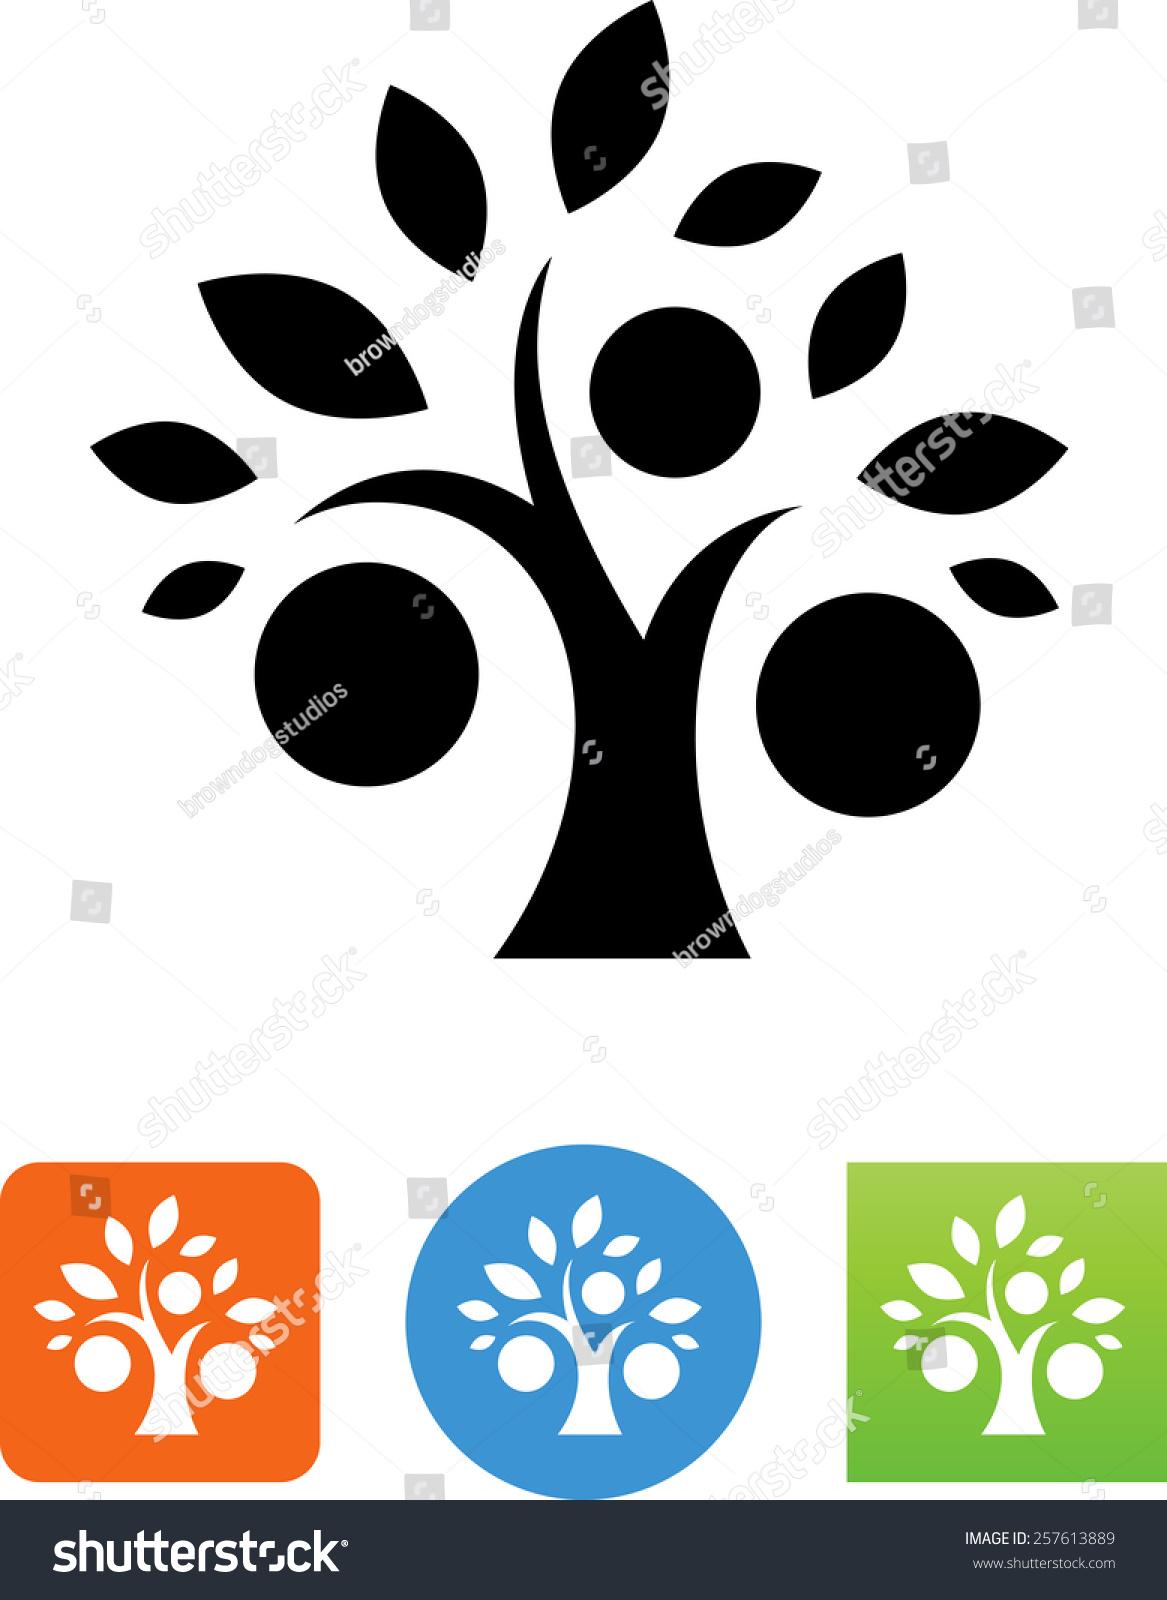 果树下载的象征.矢量图标为视频,移动应用程序,网站和